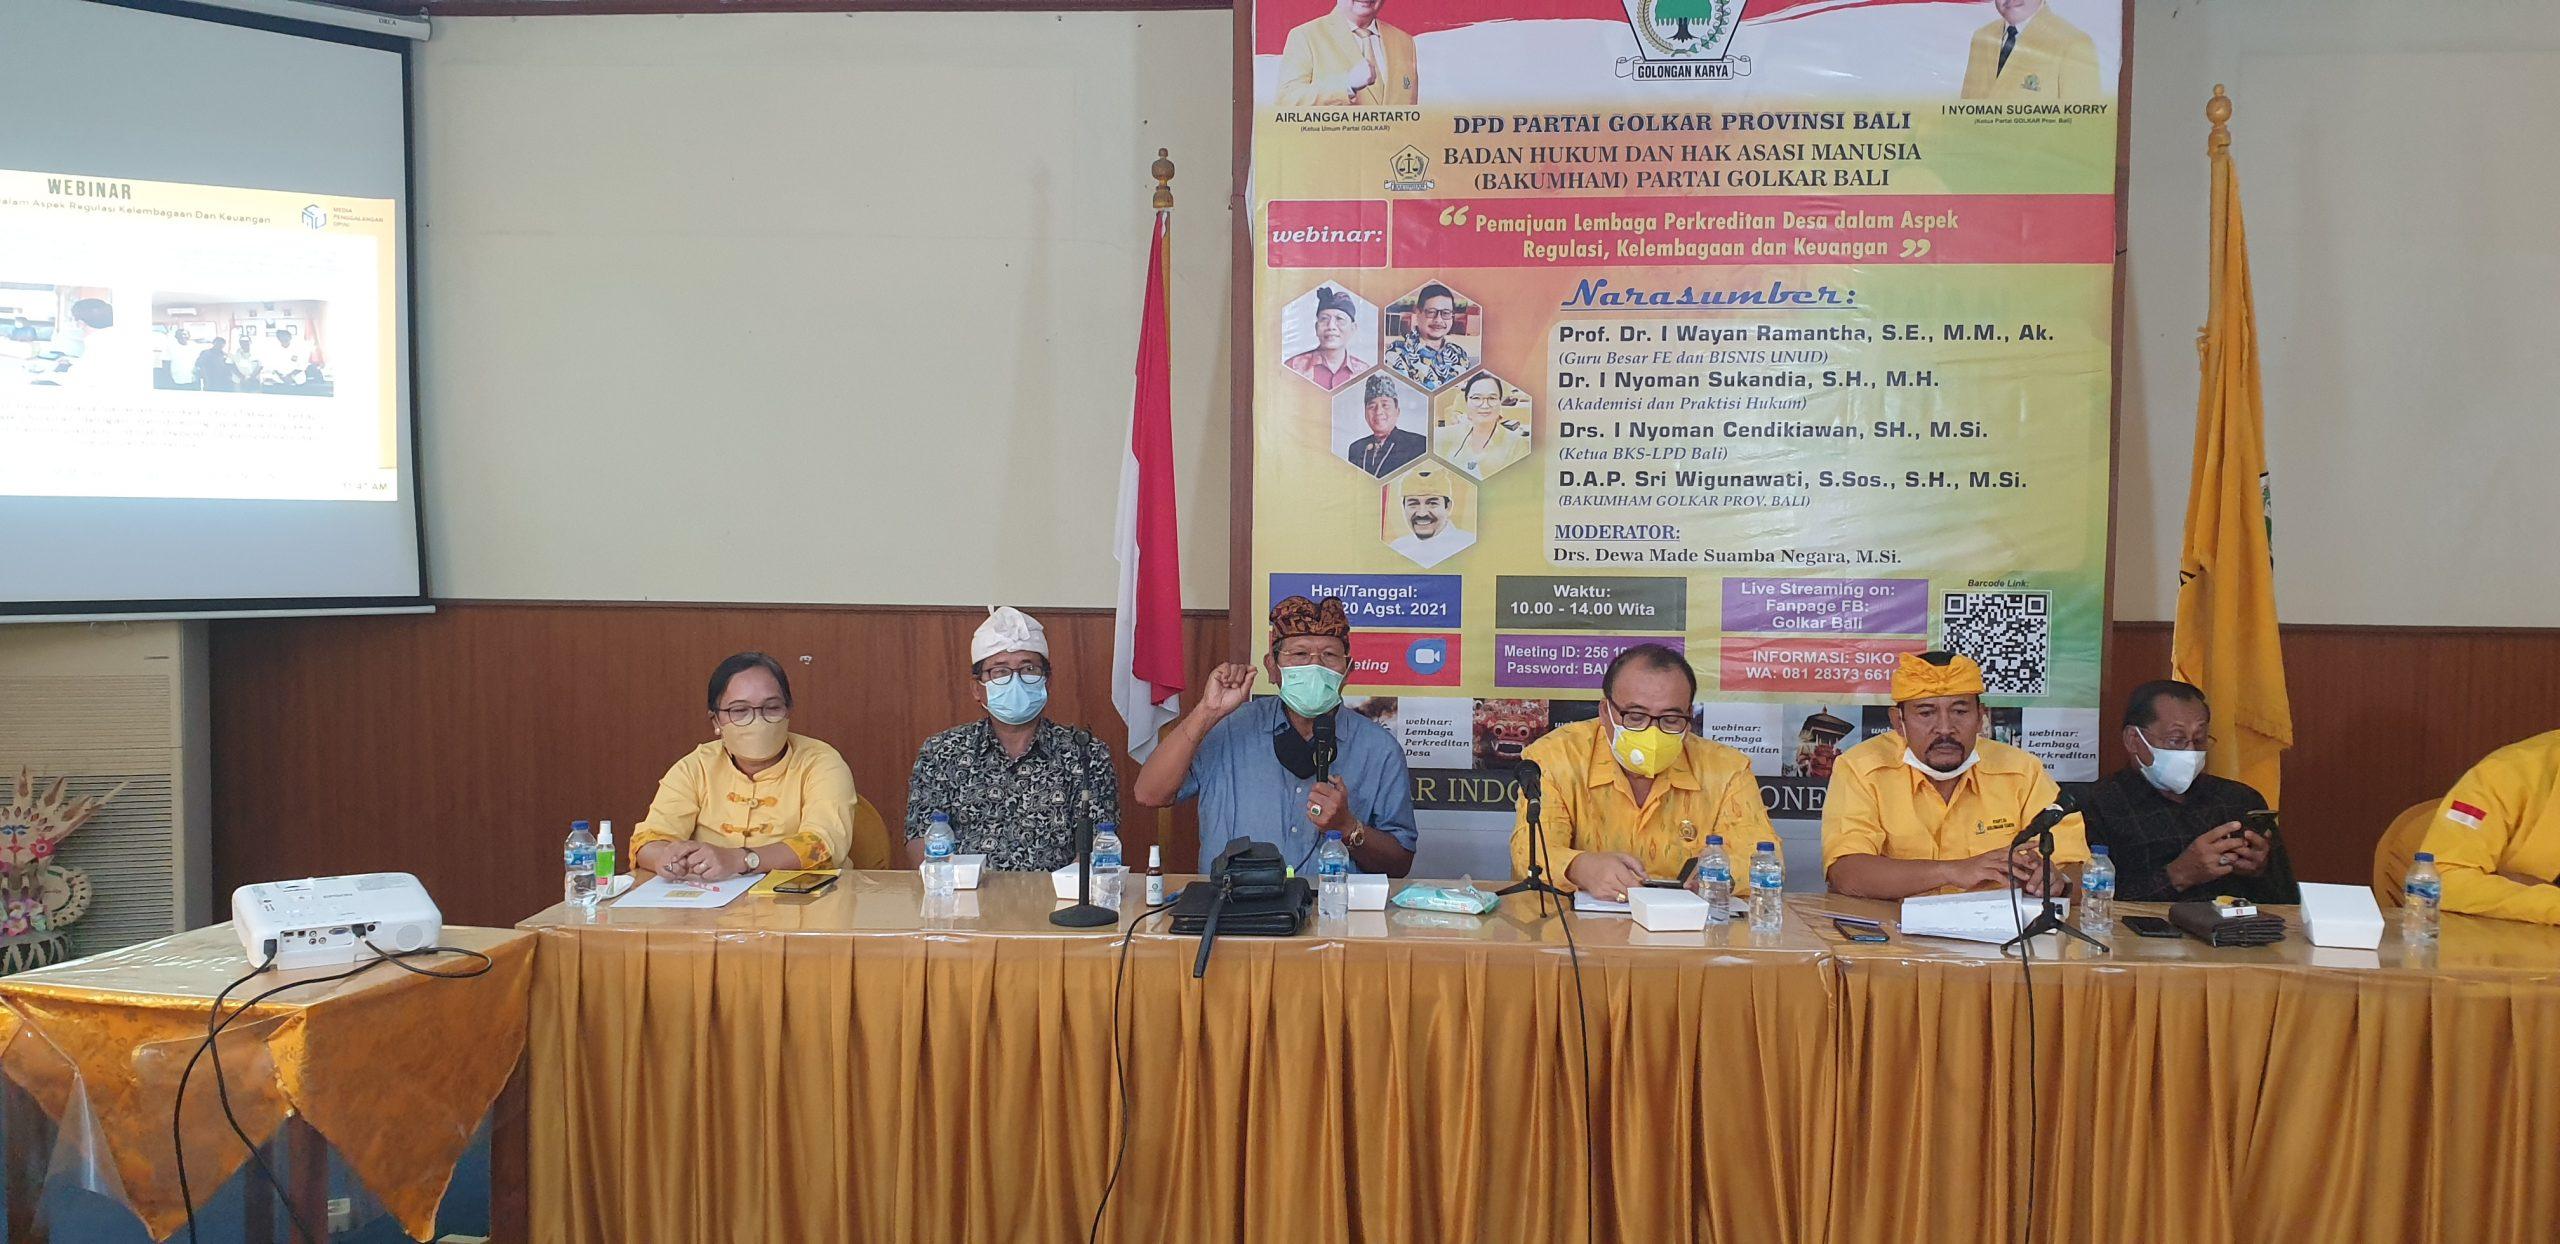 PROF I Wayan Ramantha (tiga kiri) menjelaskan persoalan LPD dari aspek ekonomis sosiologis dalam webinar membahas LPD di DPD Partai Golkar Bali, Jumat (20/8/2021). Foto: hen